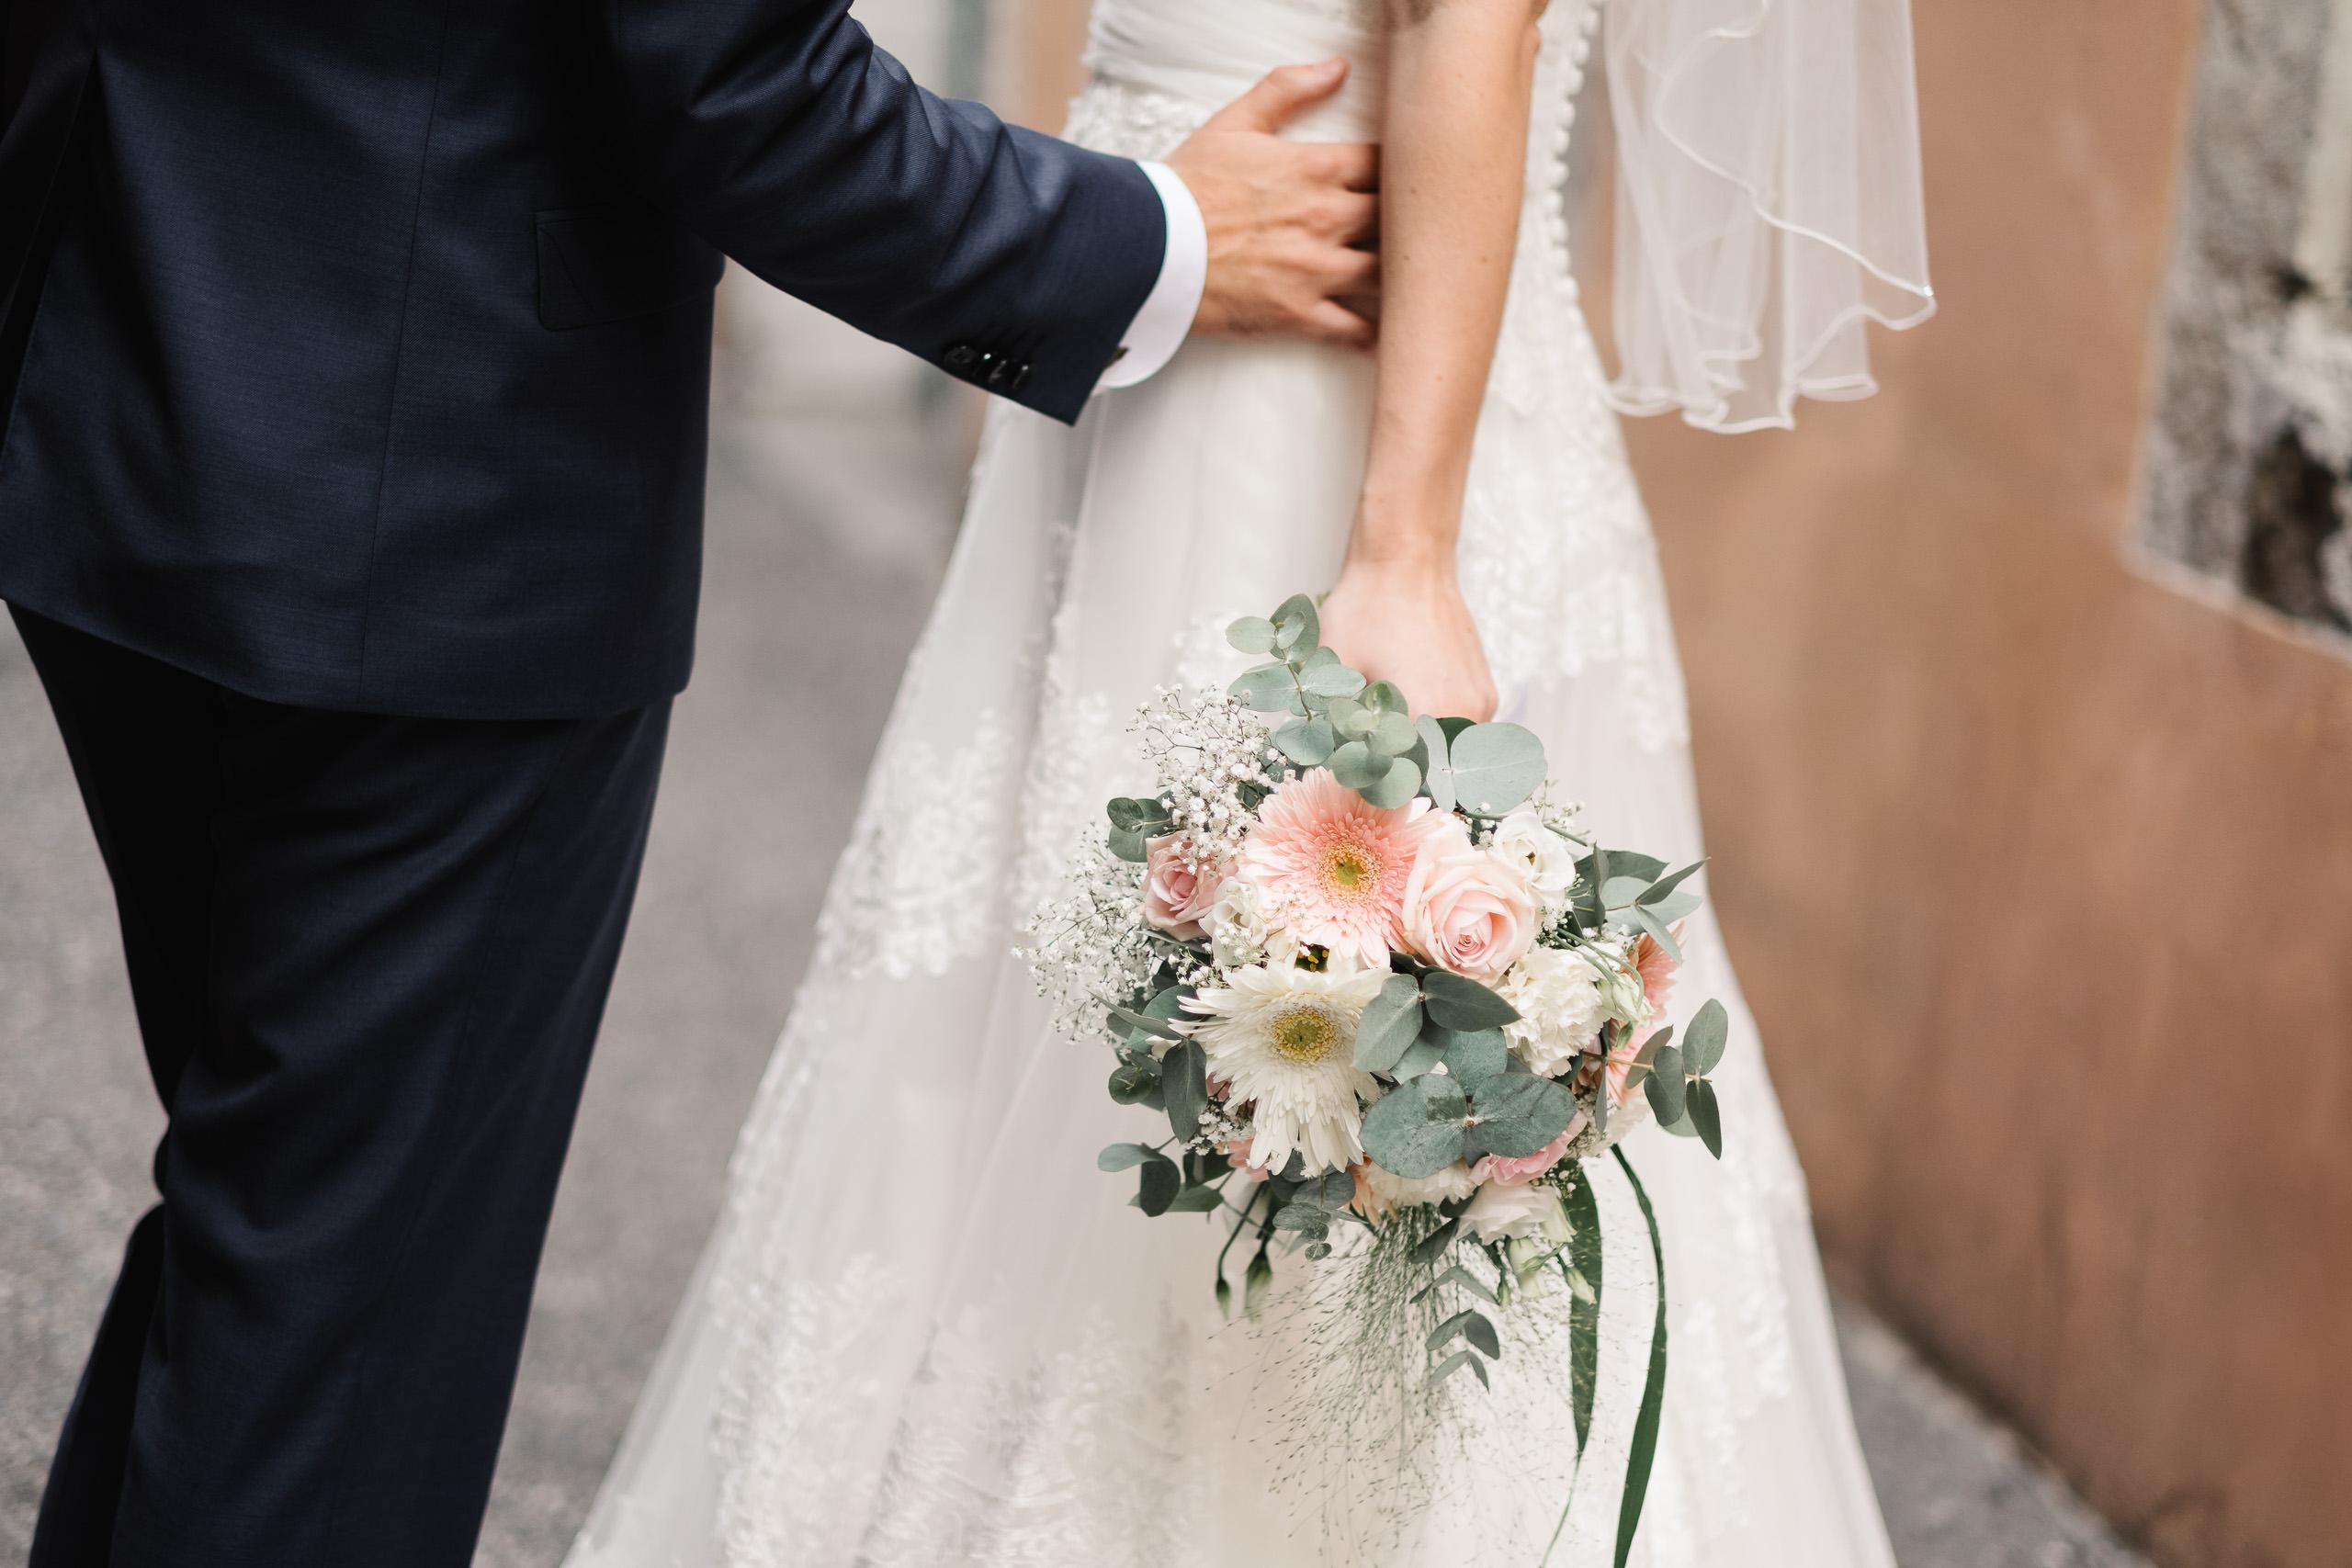 Mariage à Chambéry - Bouquet de fleurs de la mariée - Lucile & Florent